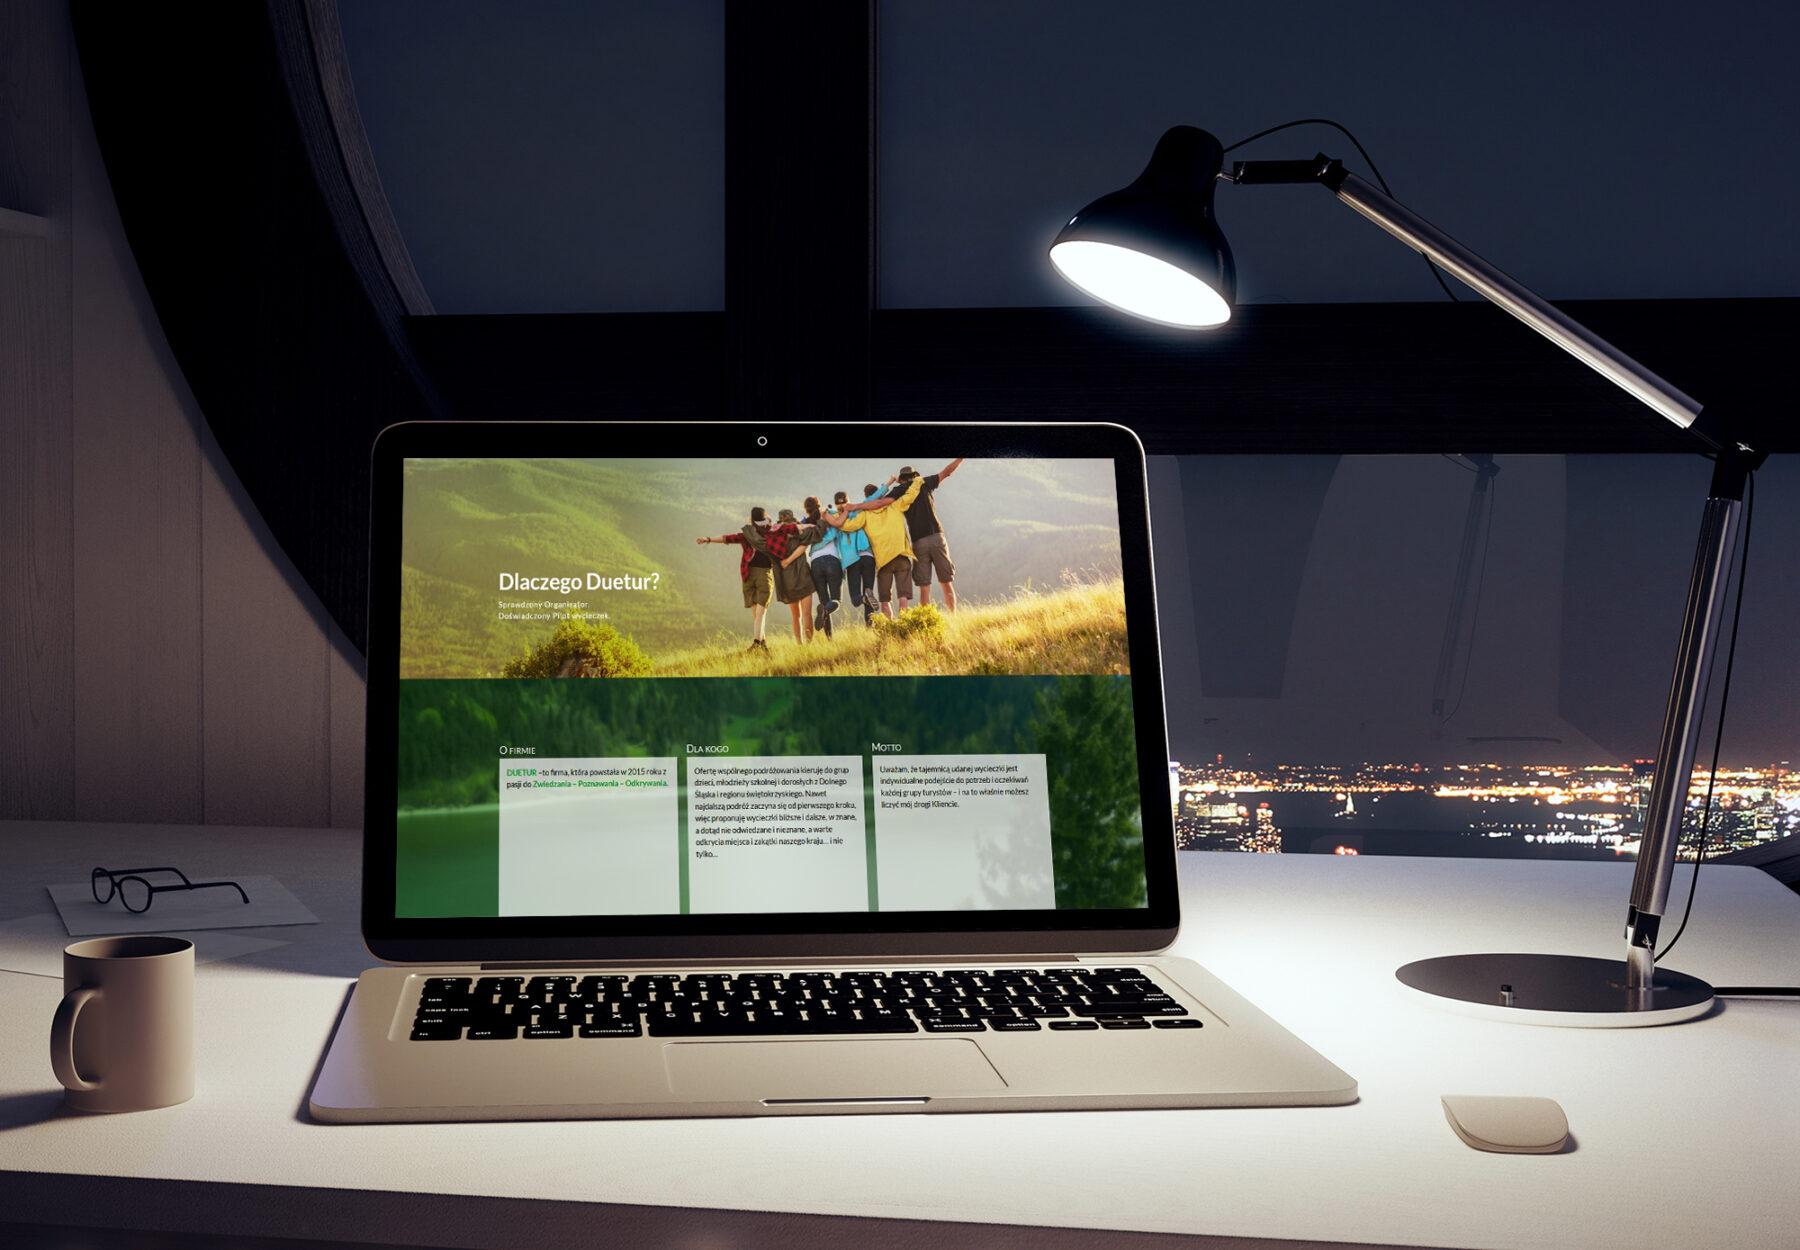 Projektowanie stron www - strona internetowa duetur.pl - obraz 3